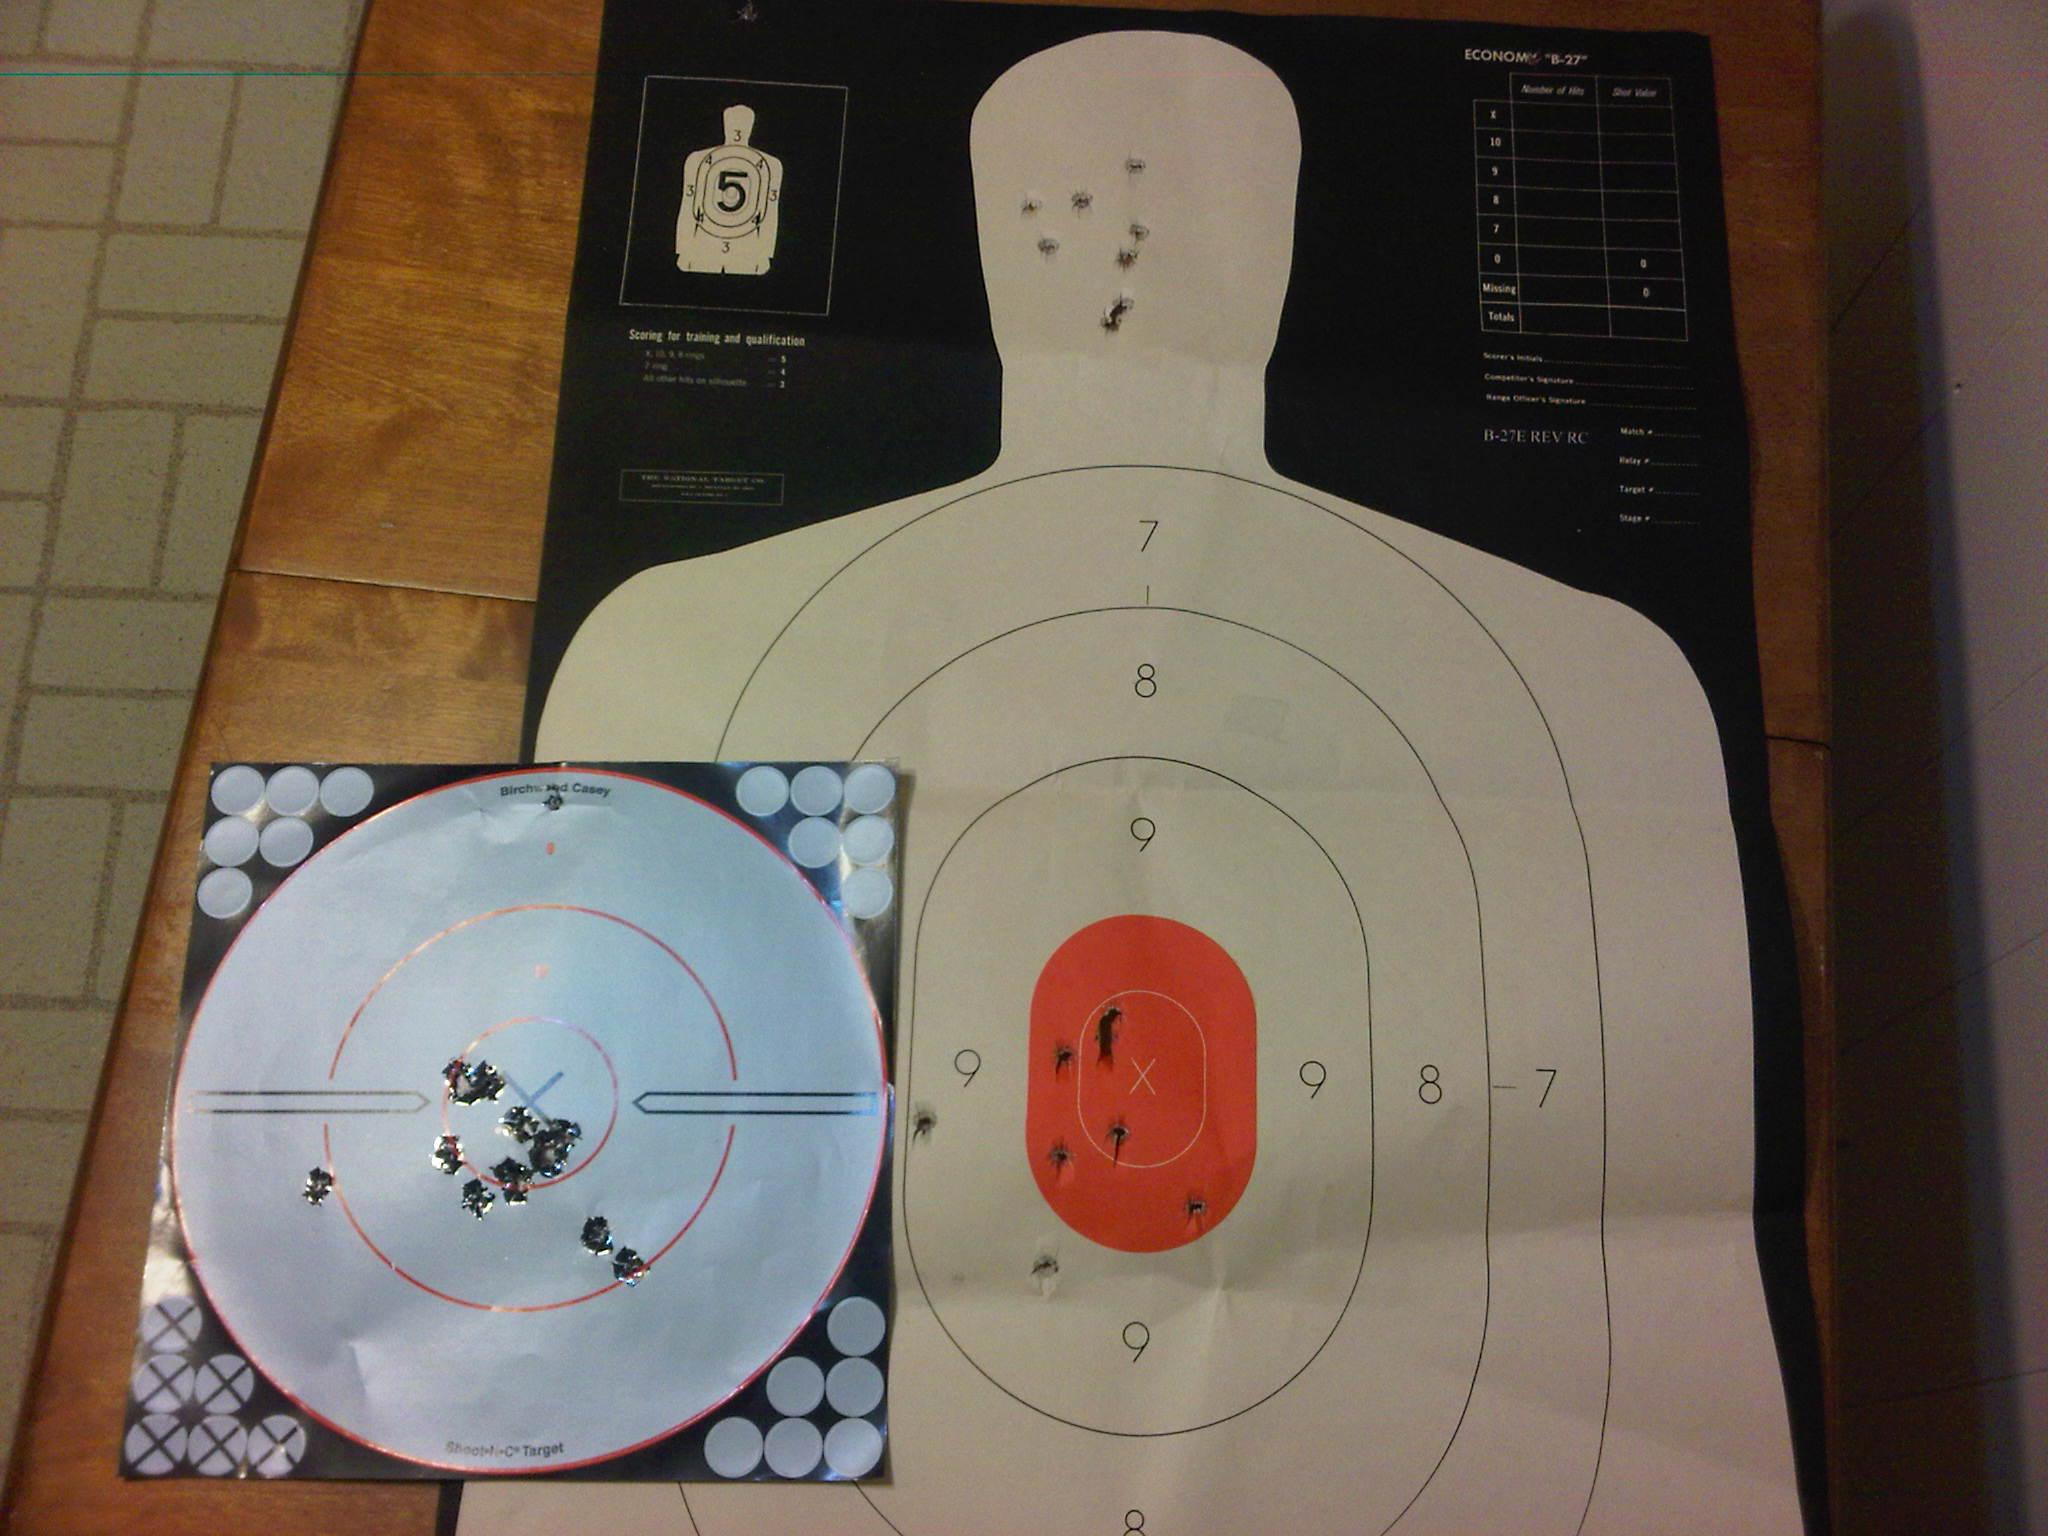 Range Report: M&P 45c-img00004-20120807-2101.jpg